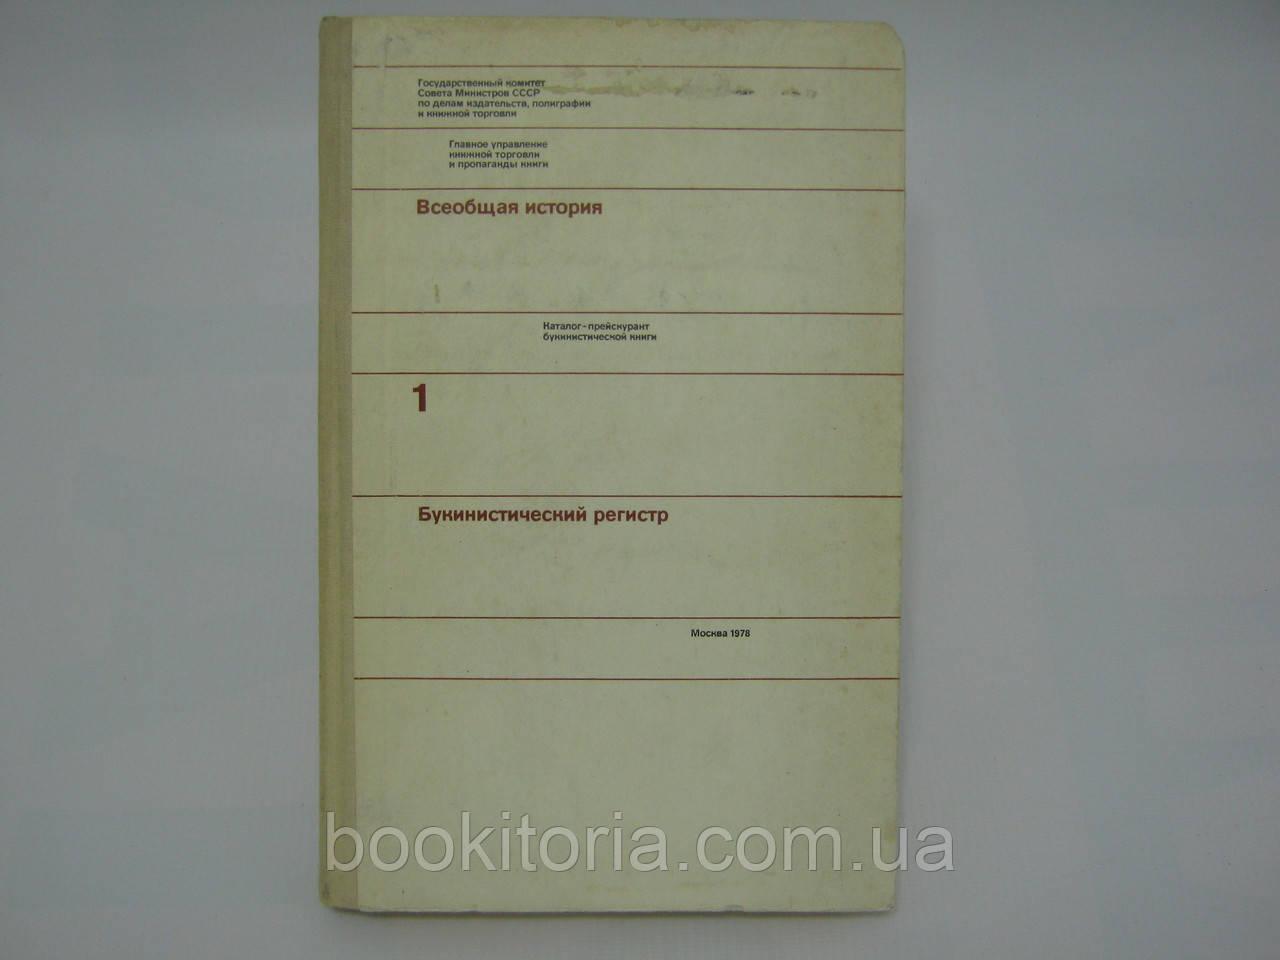 Всеобщая история. Каталог-прейскурант букинистической книги в двух частях. Часть первая (б/у).